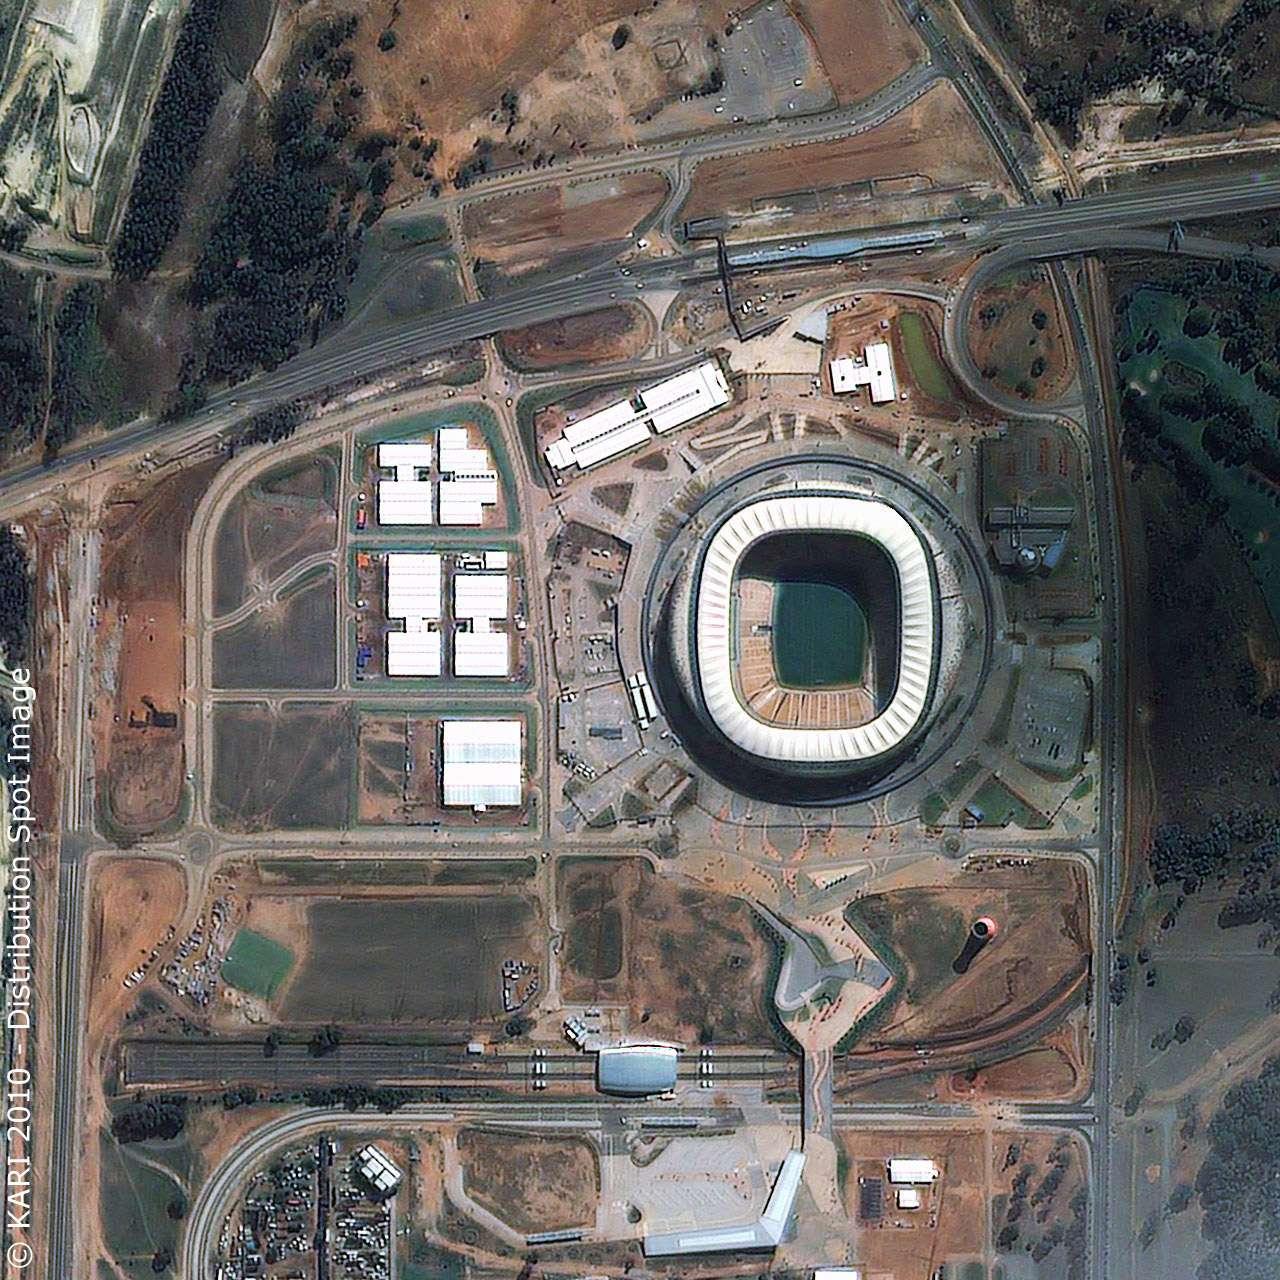 Le Soccer City de Johannesburg, un des dix stades de la Coupe du monde abritera les cérémonies d'ouverture et de clôture. Crédit Kari/Distribution Spot Image